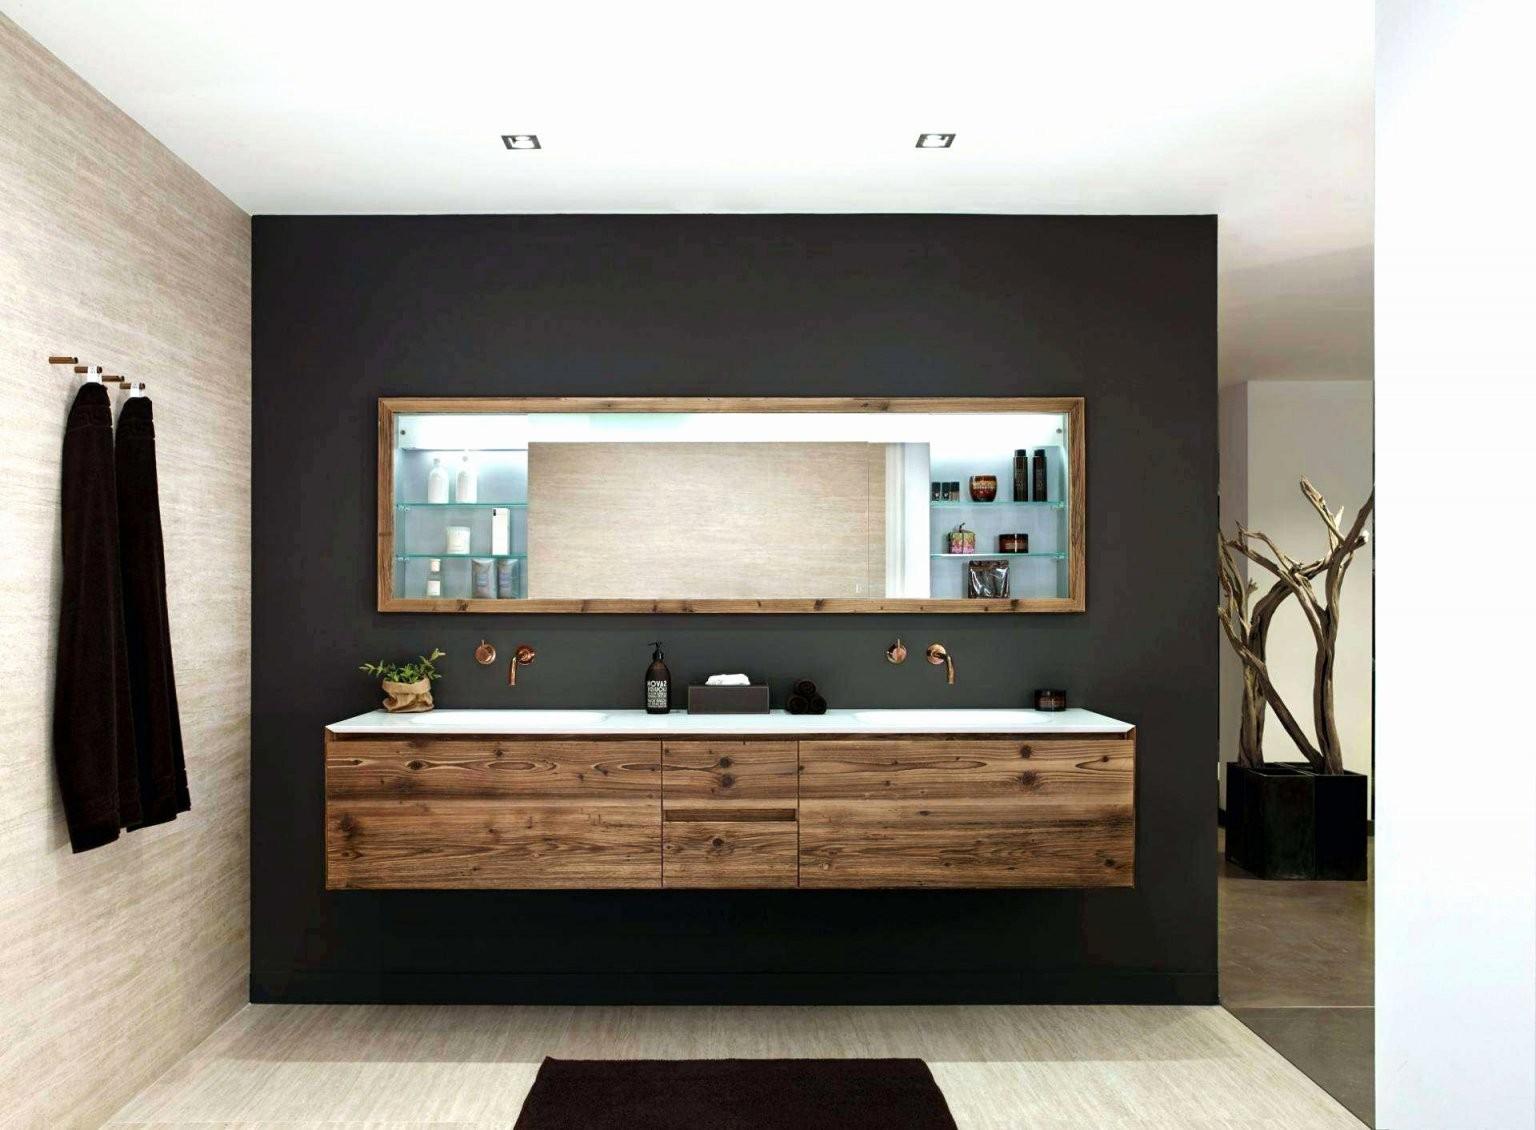 Bad Unterschrank Selber Bauen Luxus Bad Unterschrank Holz Luxus von Bad Unterschrank Selber Bauen Photo